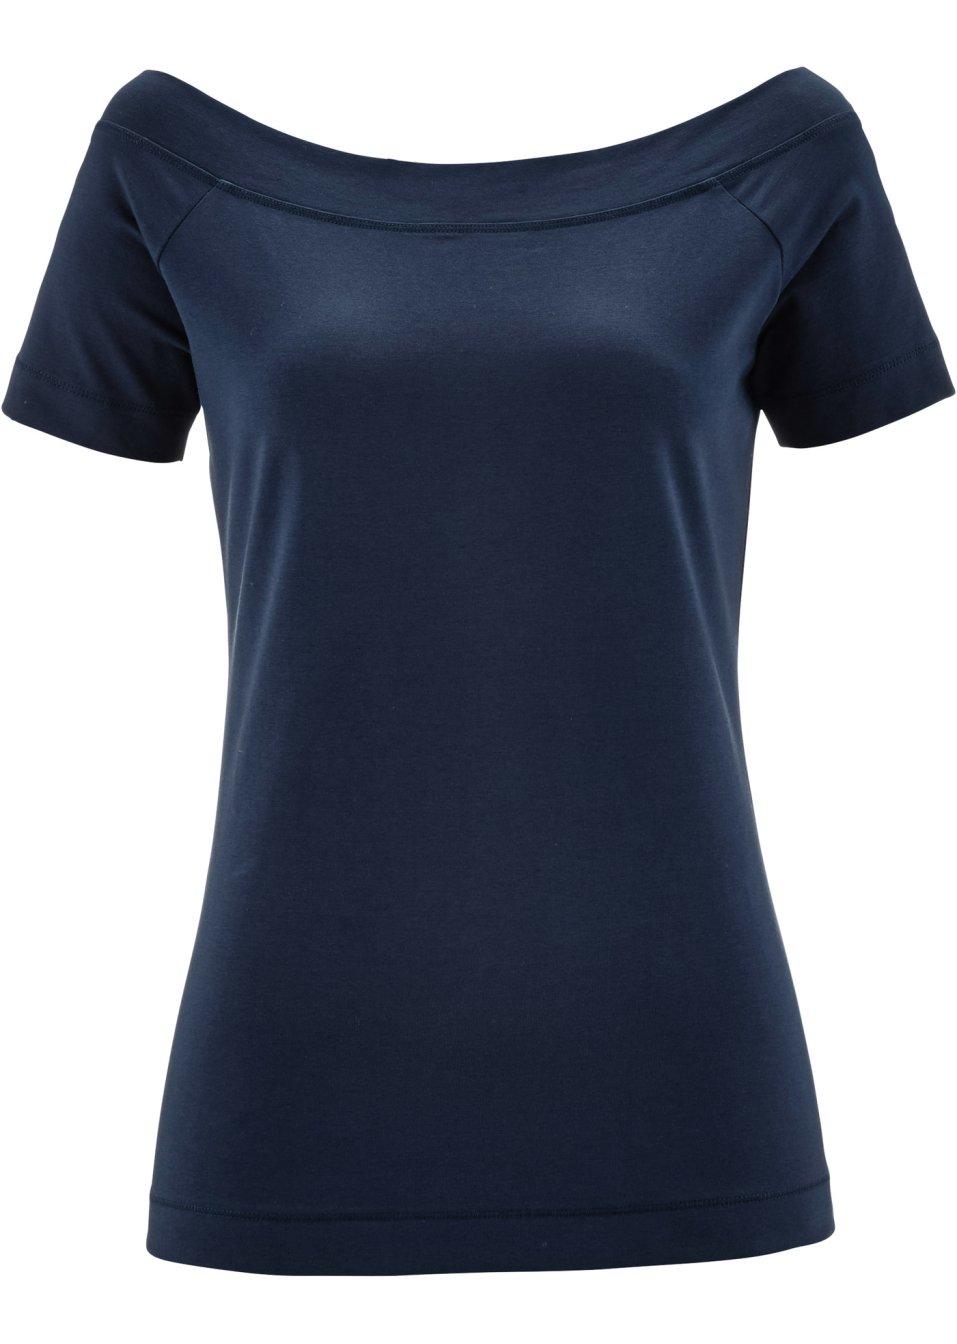 legeres shirt mit u boot ausschnitt dunkelblau. Black Bedroom Furniture Sets. Home Design Ideas